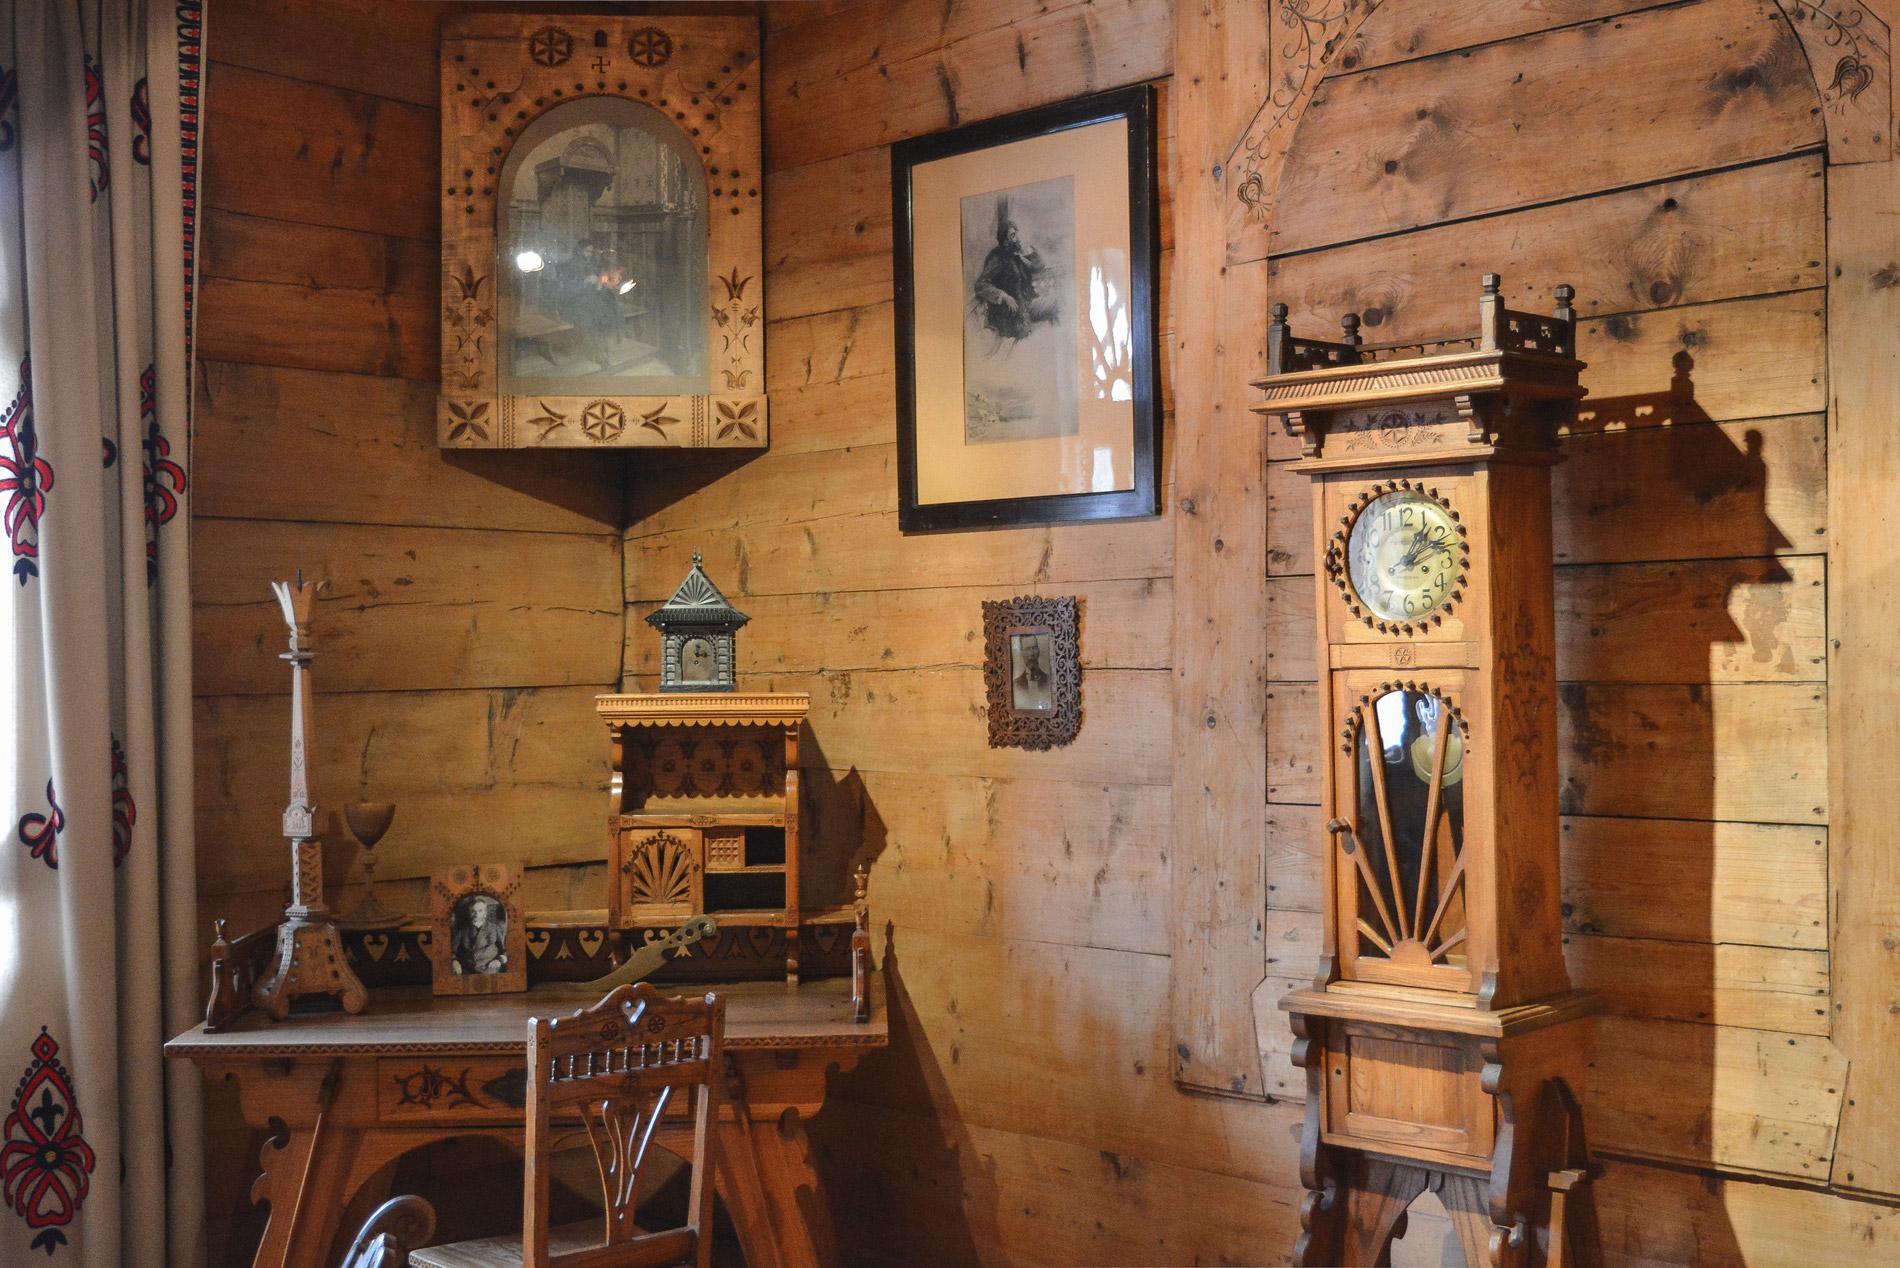 O interior do Museu do Estilo de Zakopane mostra a decoração típica da região